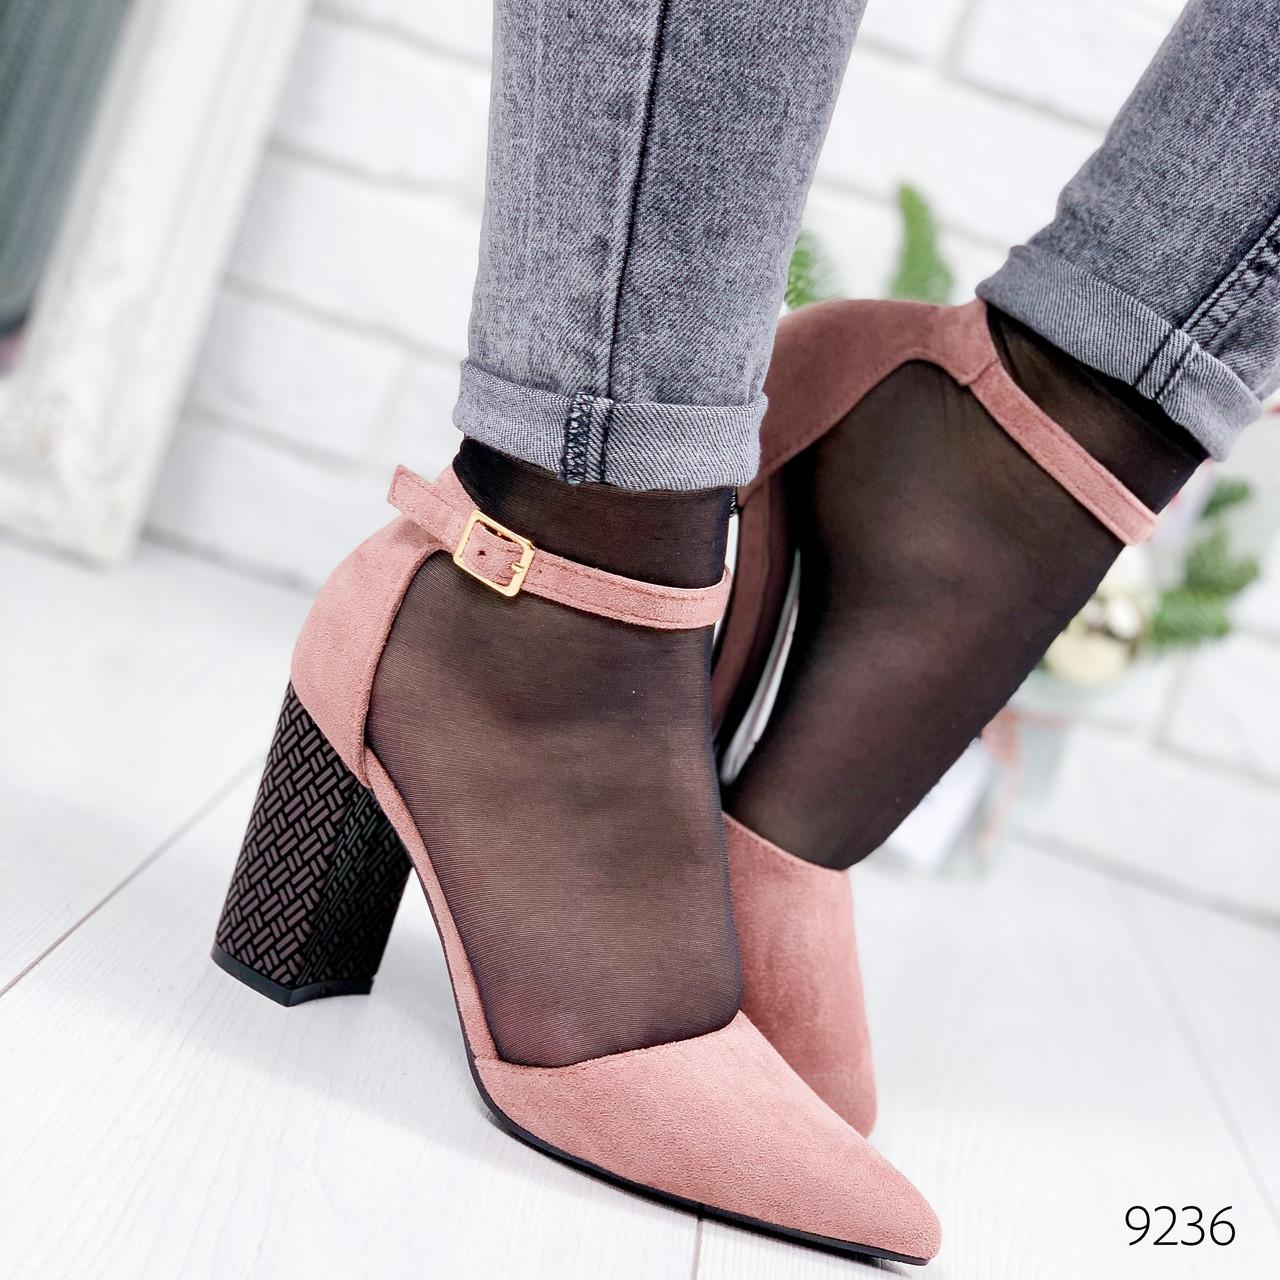 Туфли женские Cecilia пудра + черный 9236